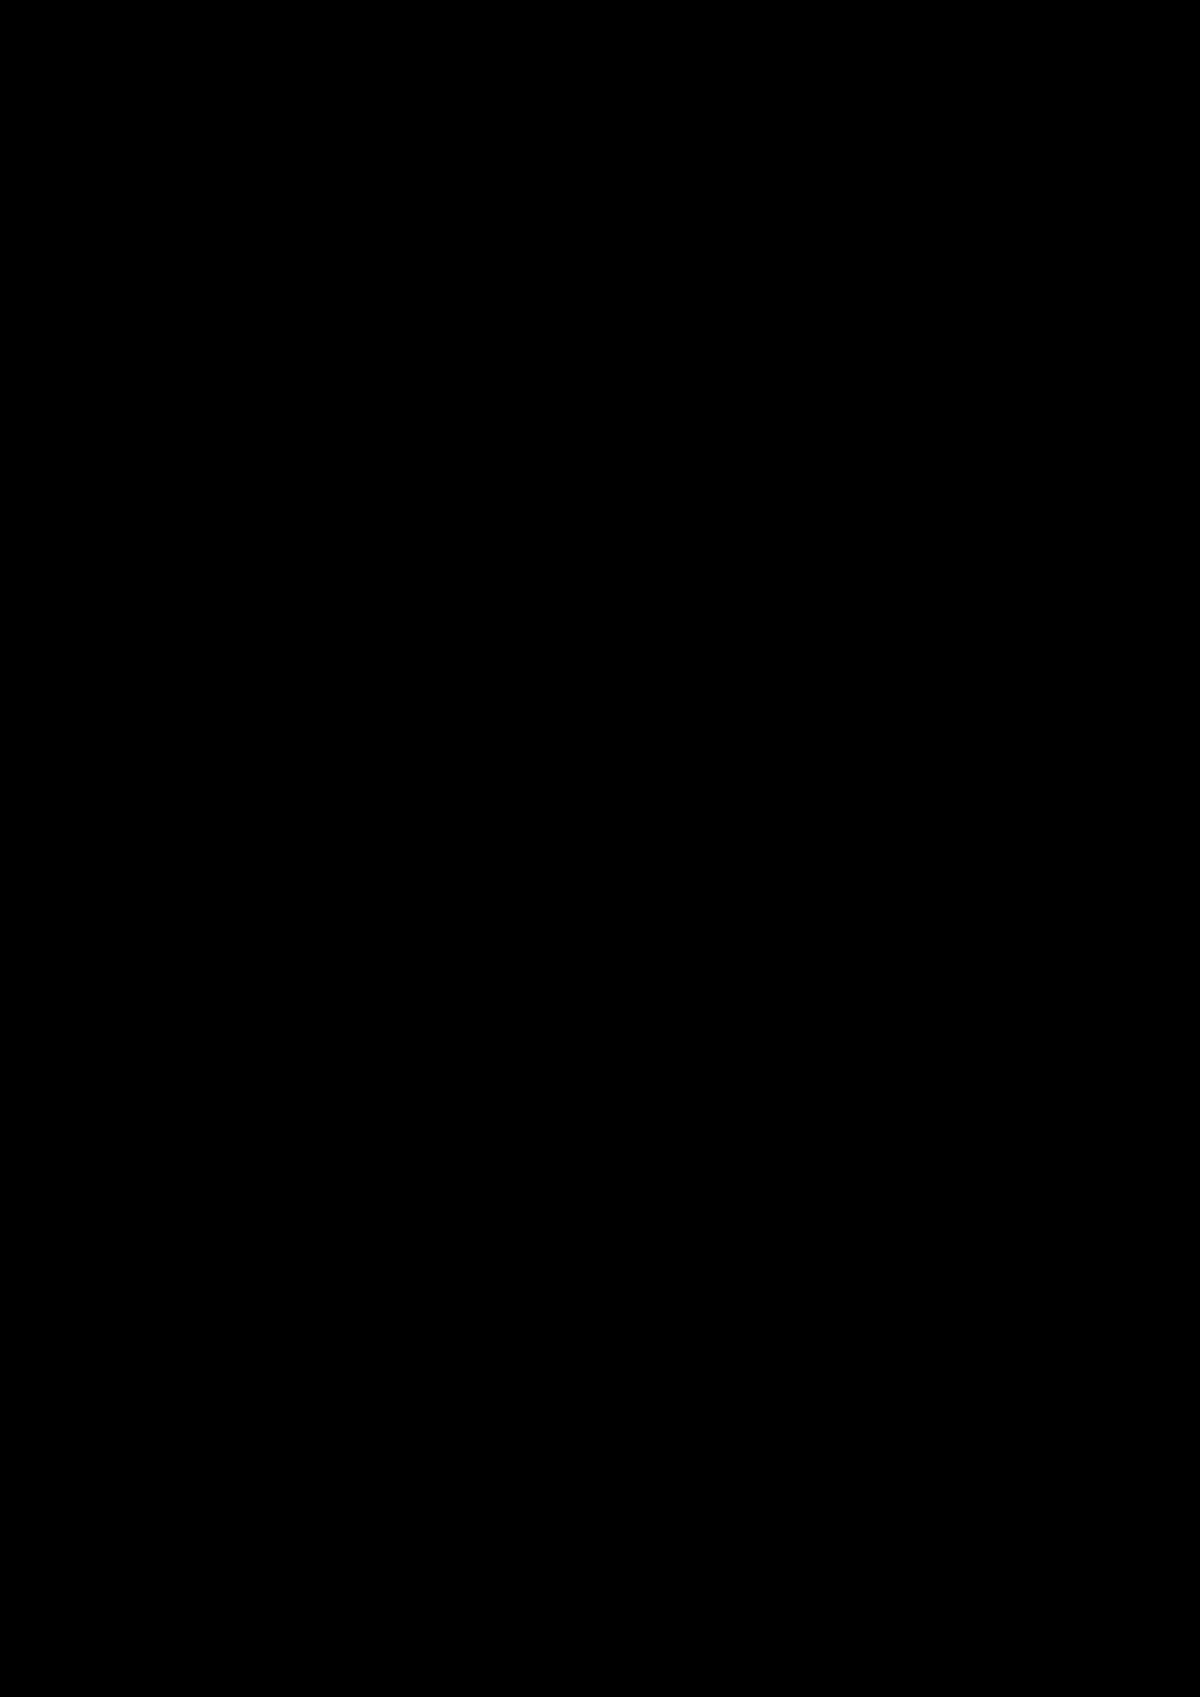 2 Logo for Colorado Horse Council & Rocky Mountain Horse Expo